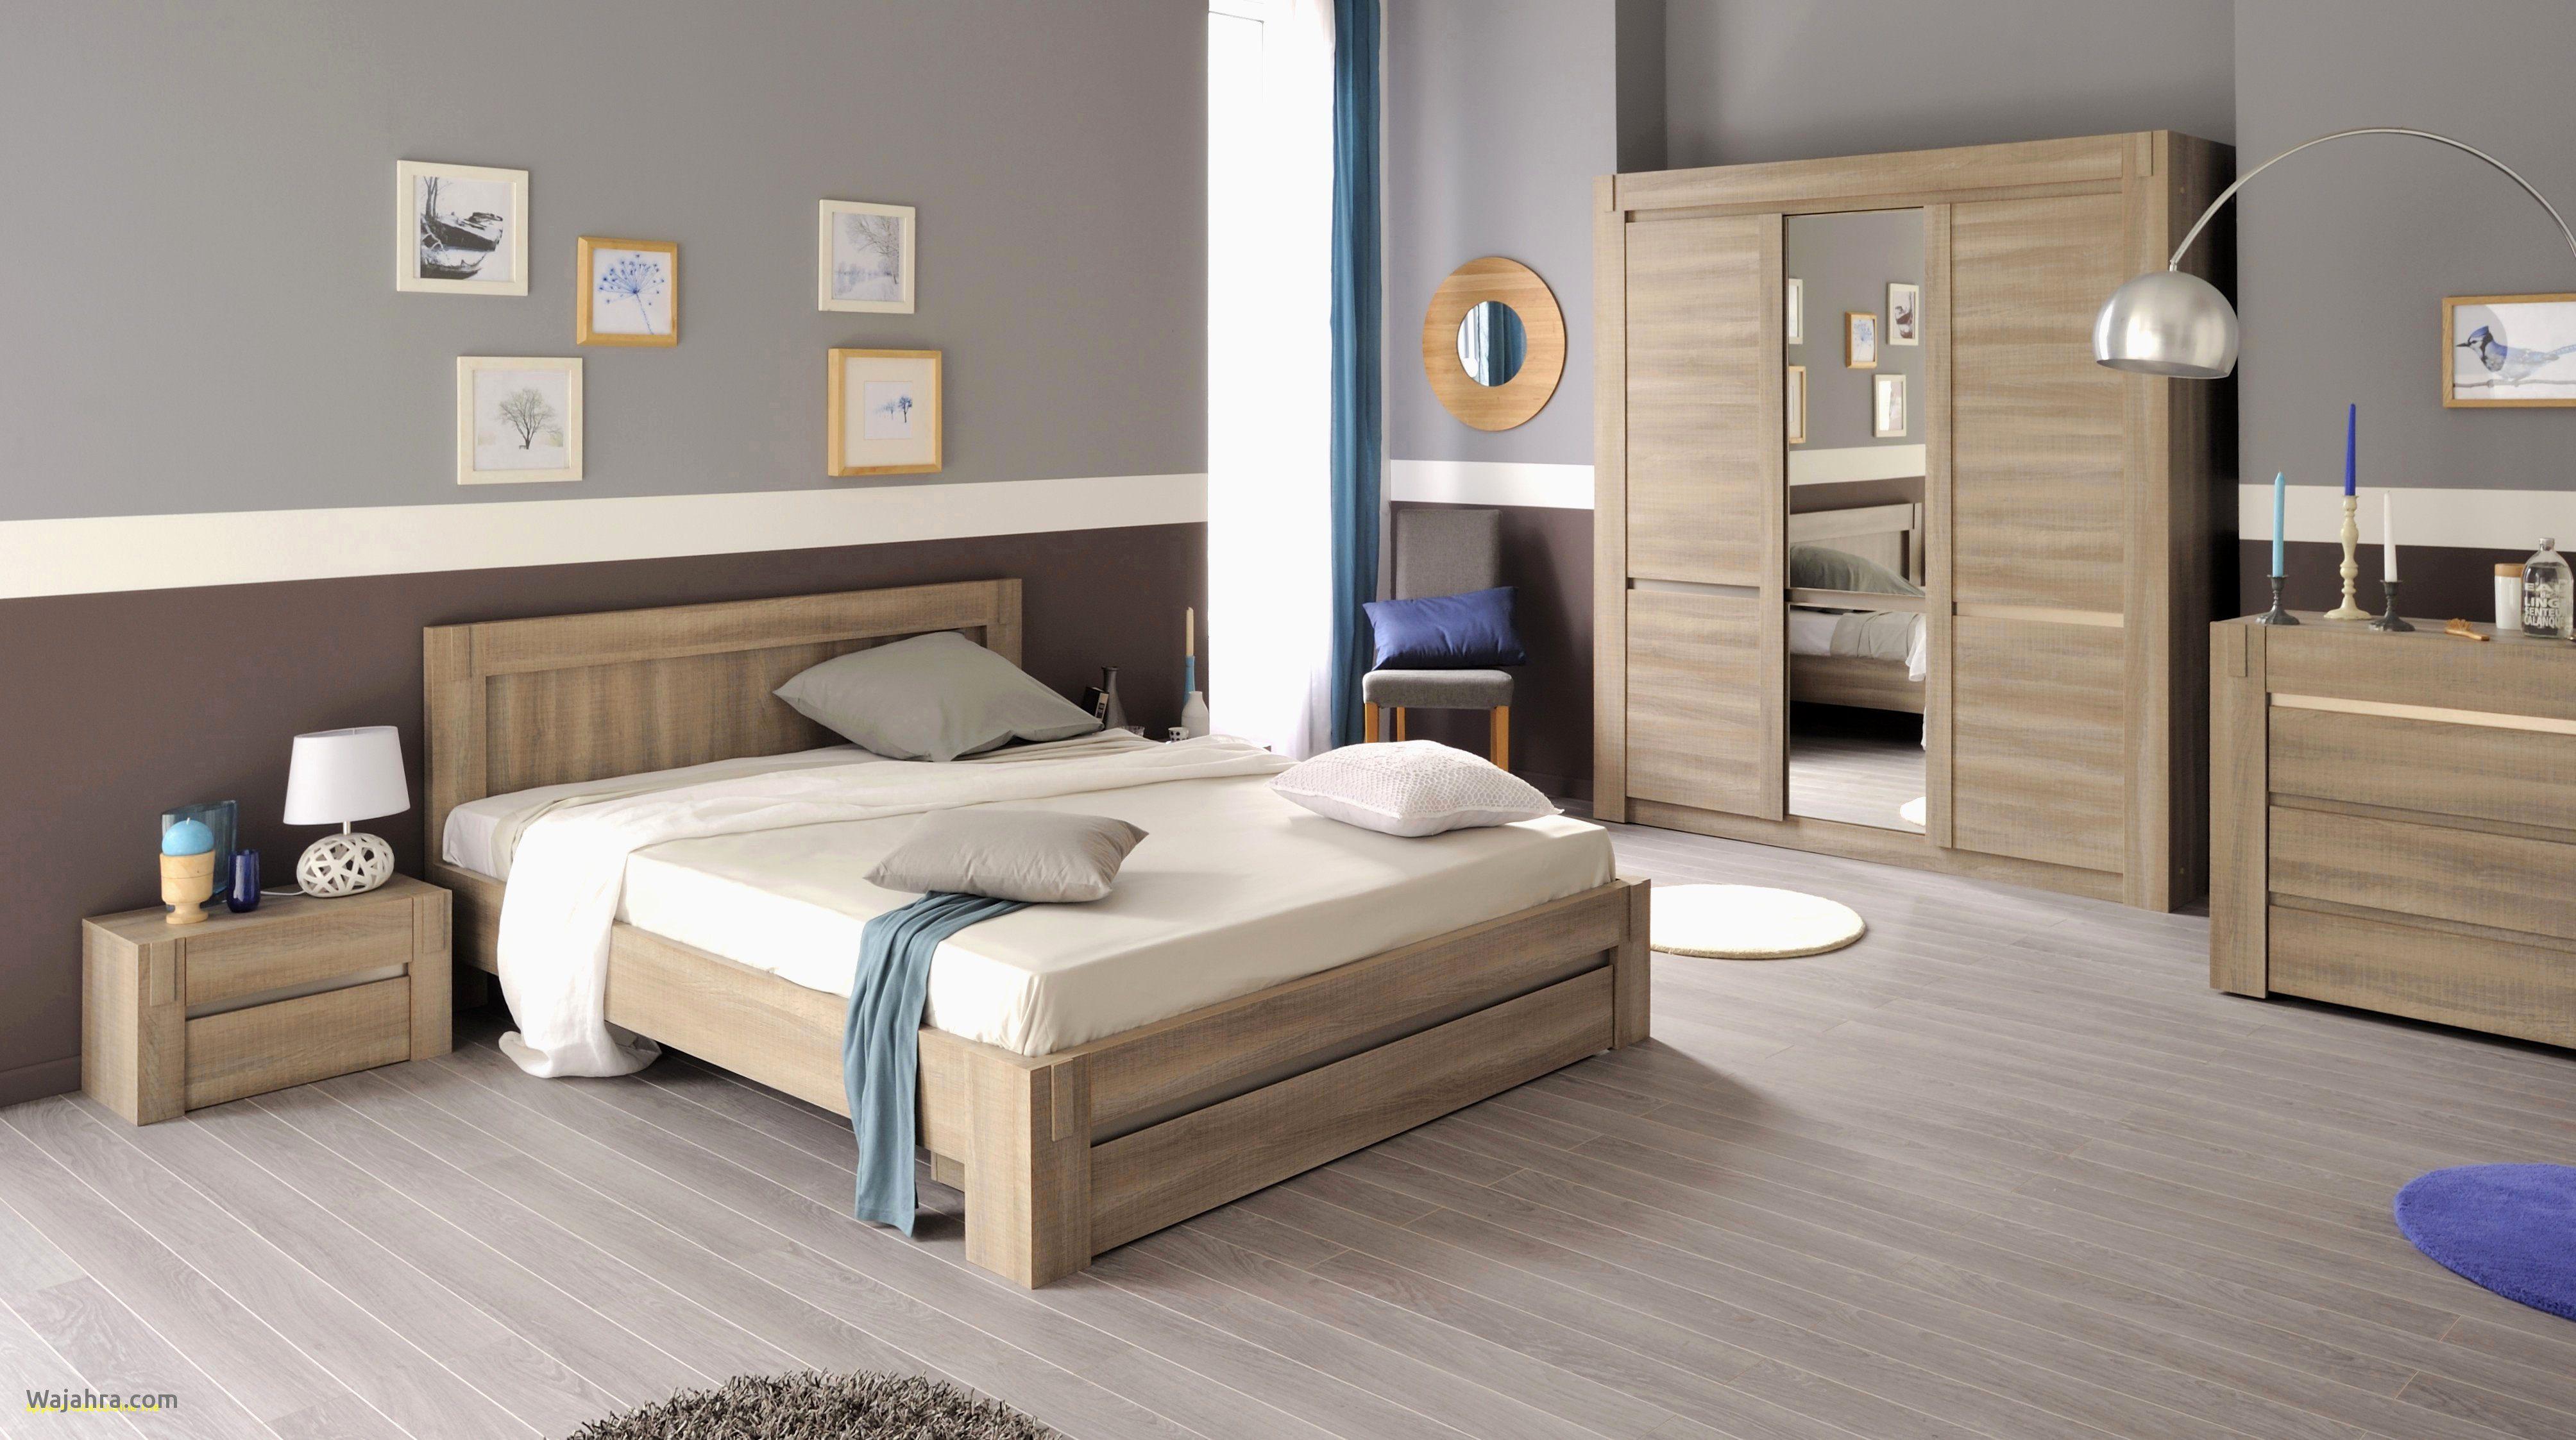 Ikea Tete De Lit 140 Magnifique Tete De Lit Bois 180 Tete De Lit Ikea 180 Fauteuil Salon Ikea Fresh